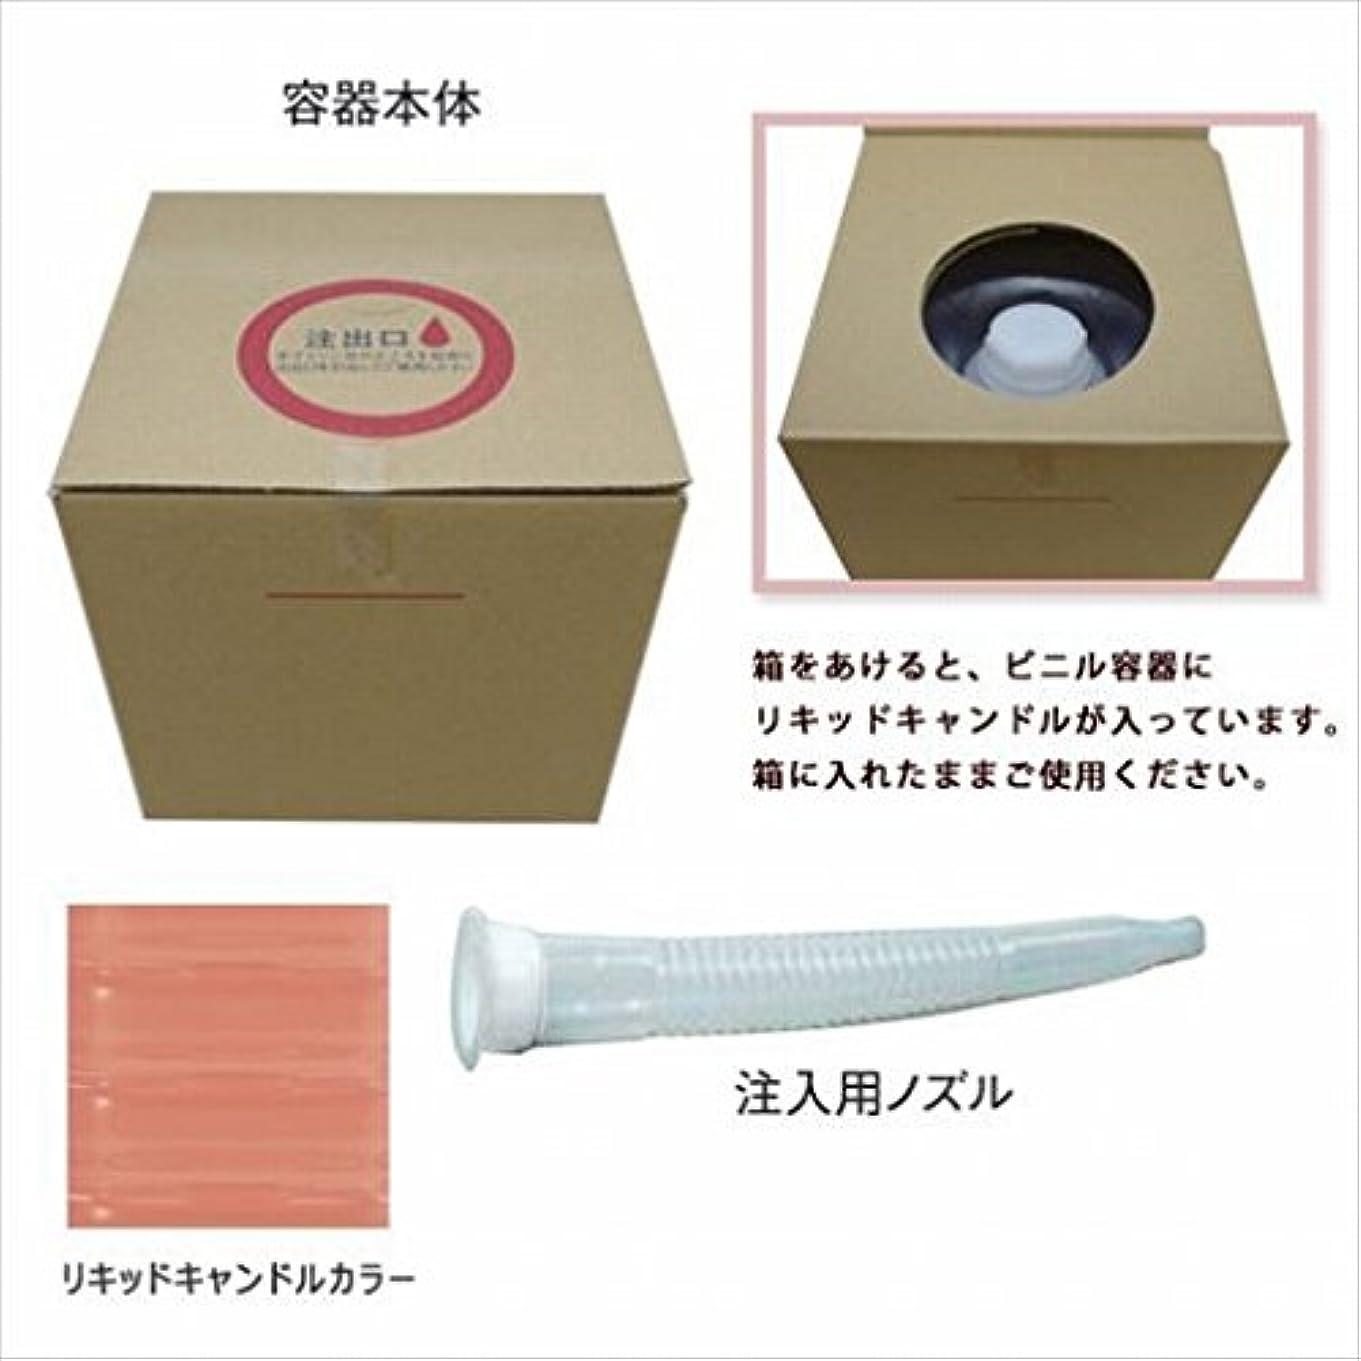 お父さん議題凶暴なカメヤマキャンドル( kameyama candle ) リキッドキャンドル5リットル 「 ピンクゴールド 」